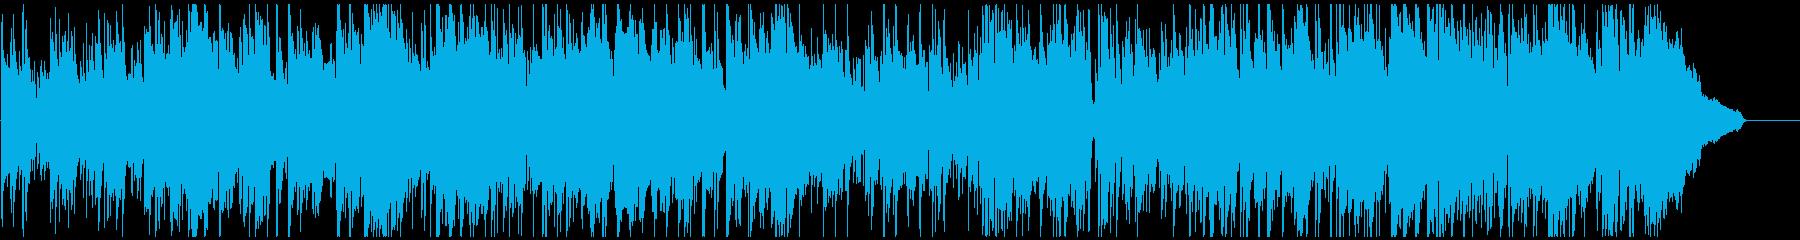 ジングルベル/ボサノバクリスマス※鐘なしの再生済みの波形